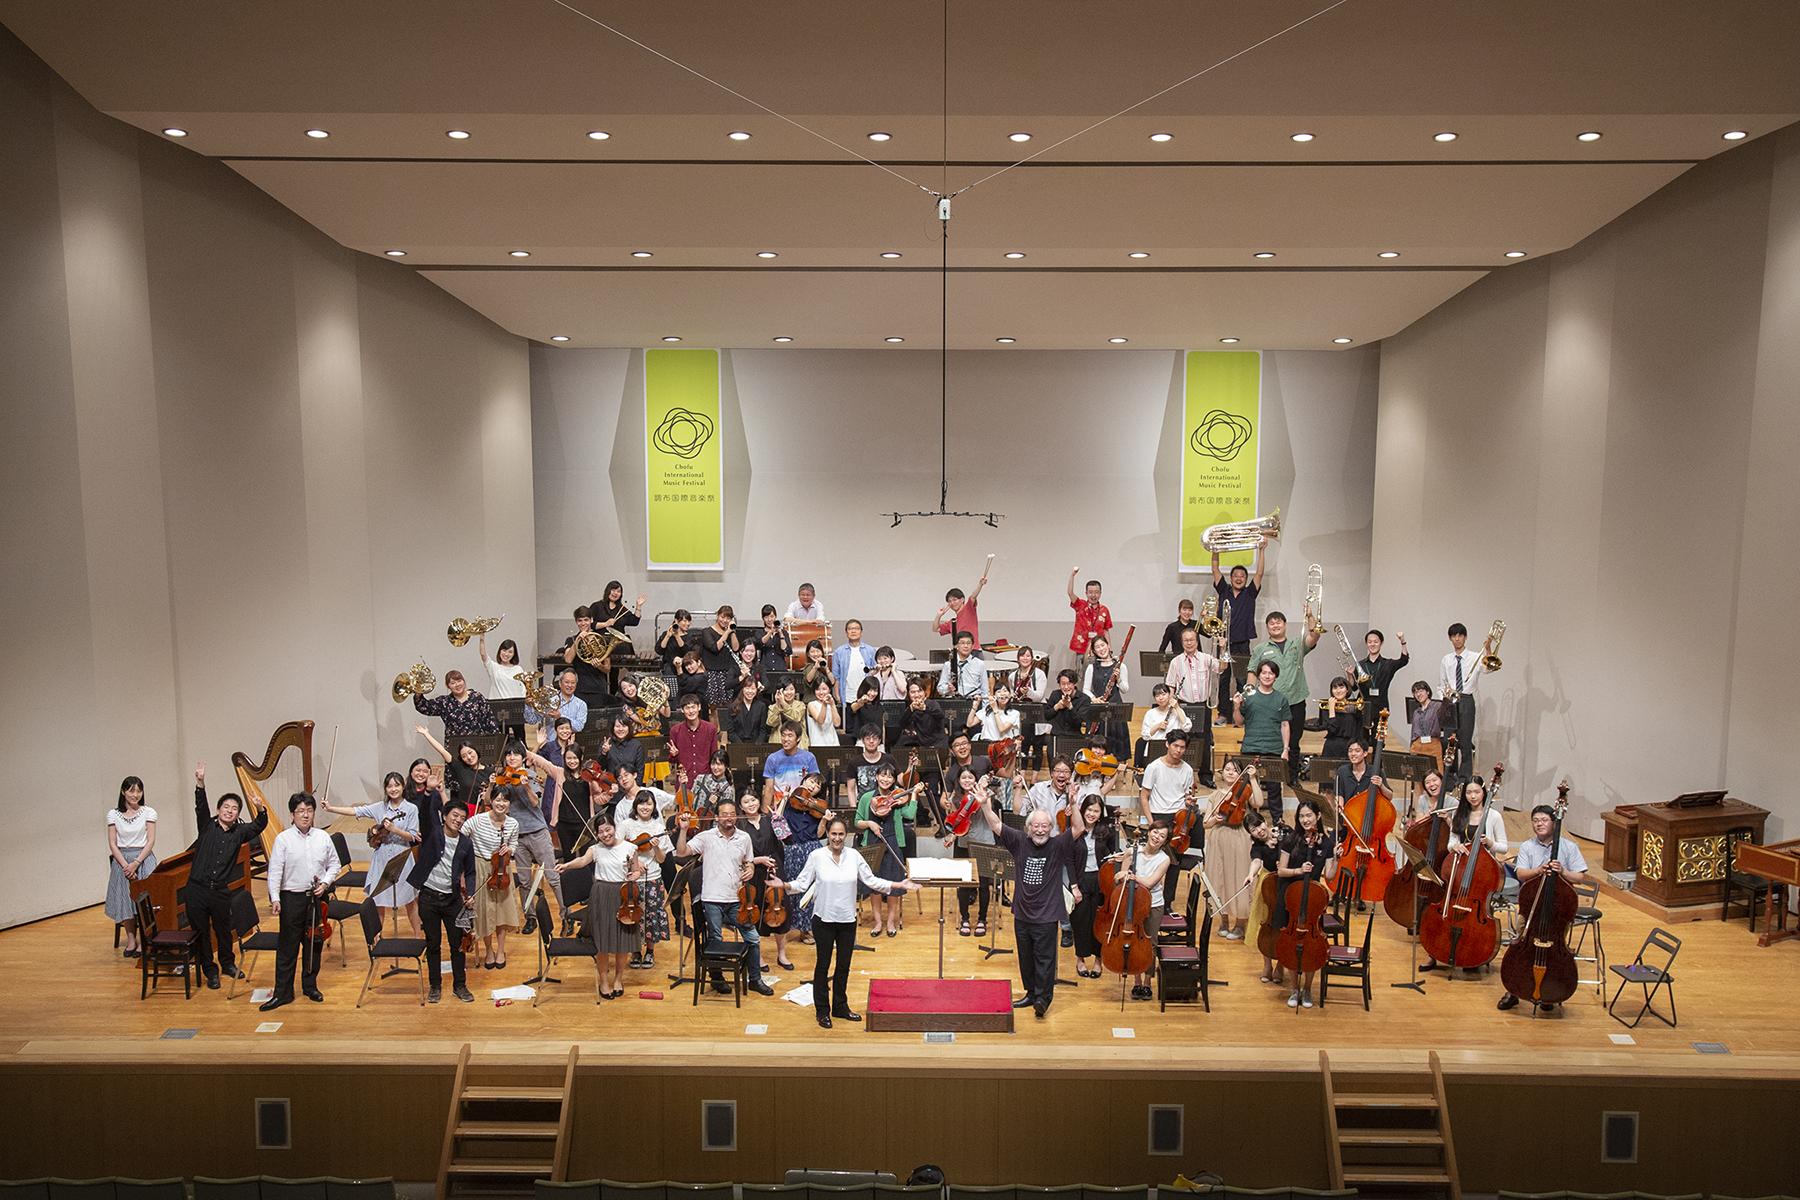 コサイト読者へのメッセージ配信中!@調布国際音楽祭2020